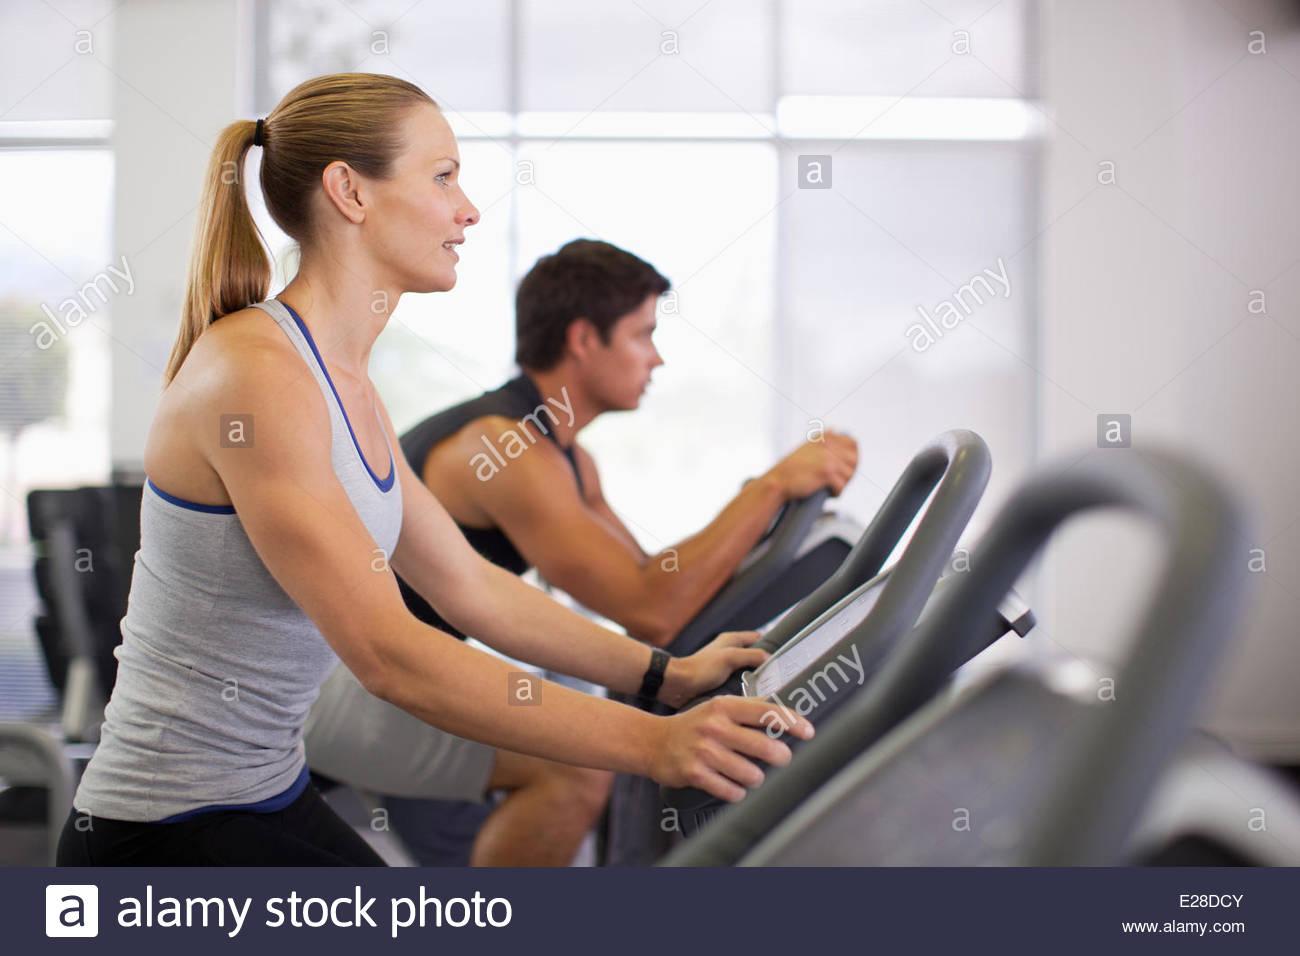 Zwei Personen auf Ergometern in gymnasium Stockbild